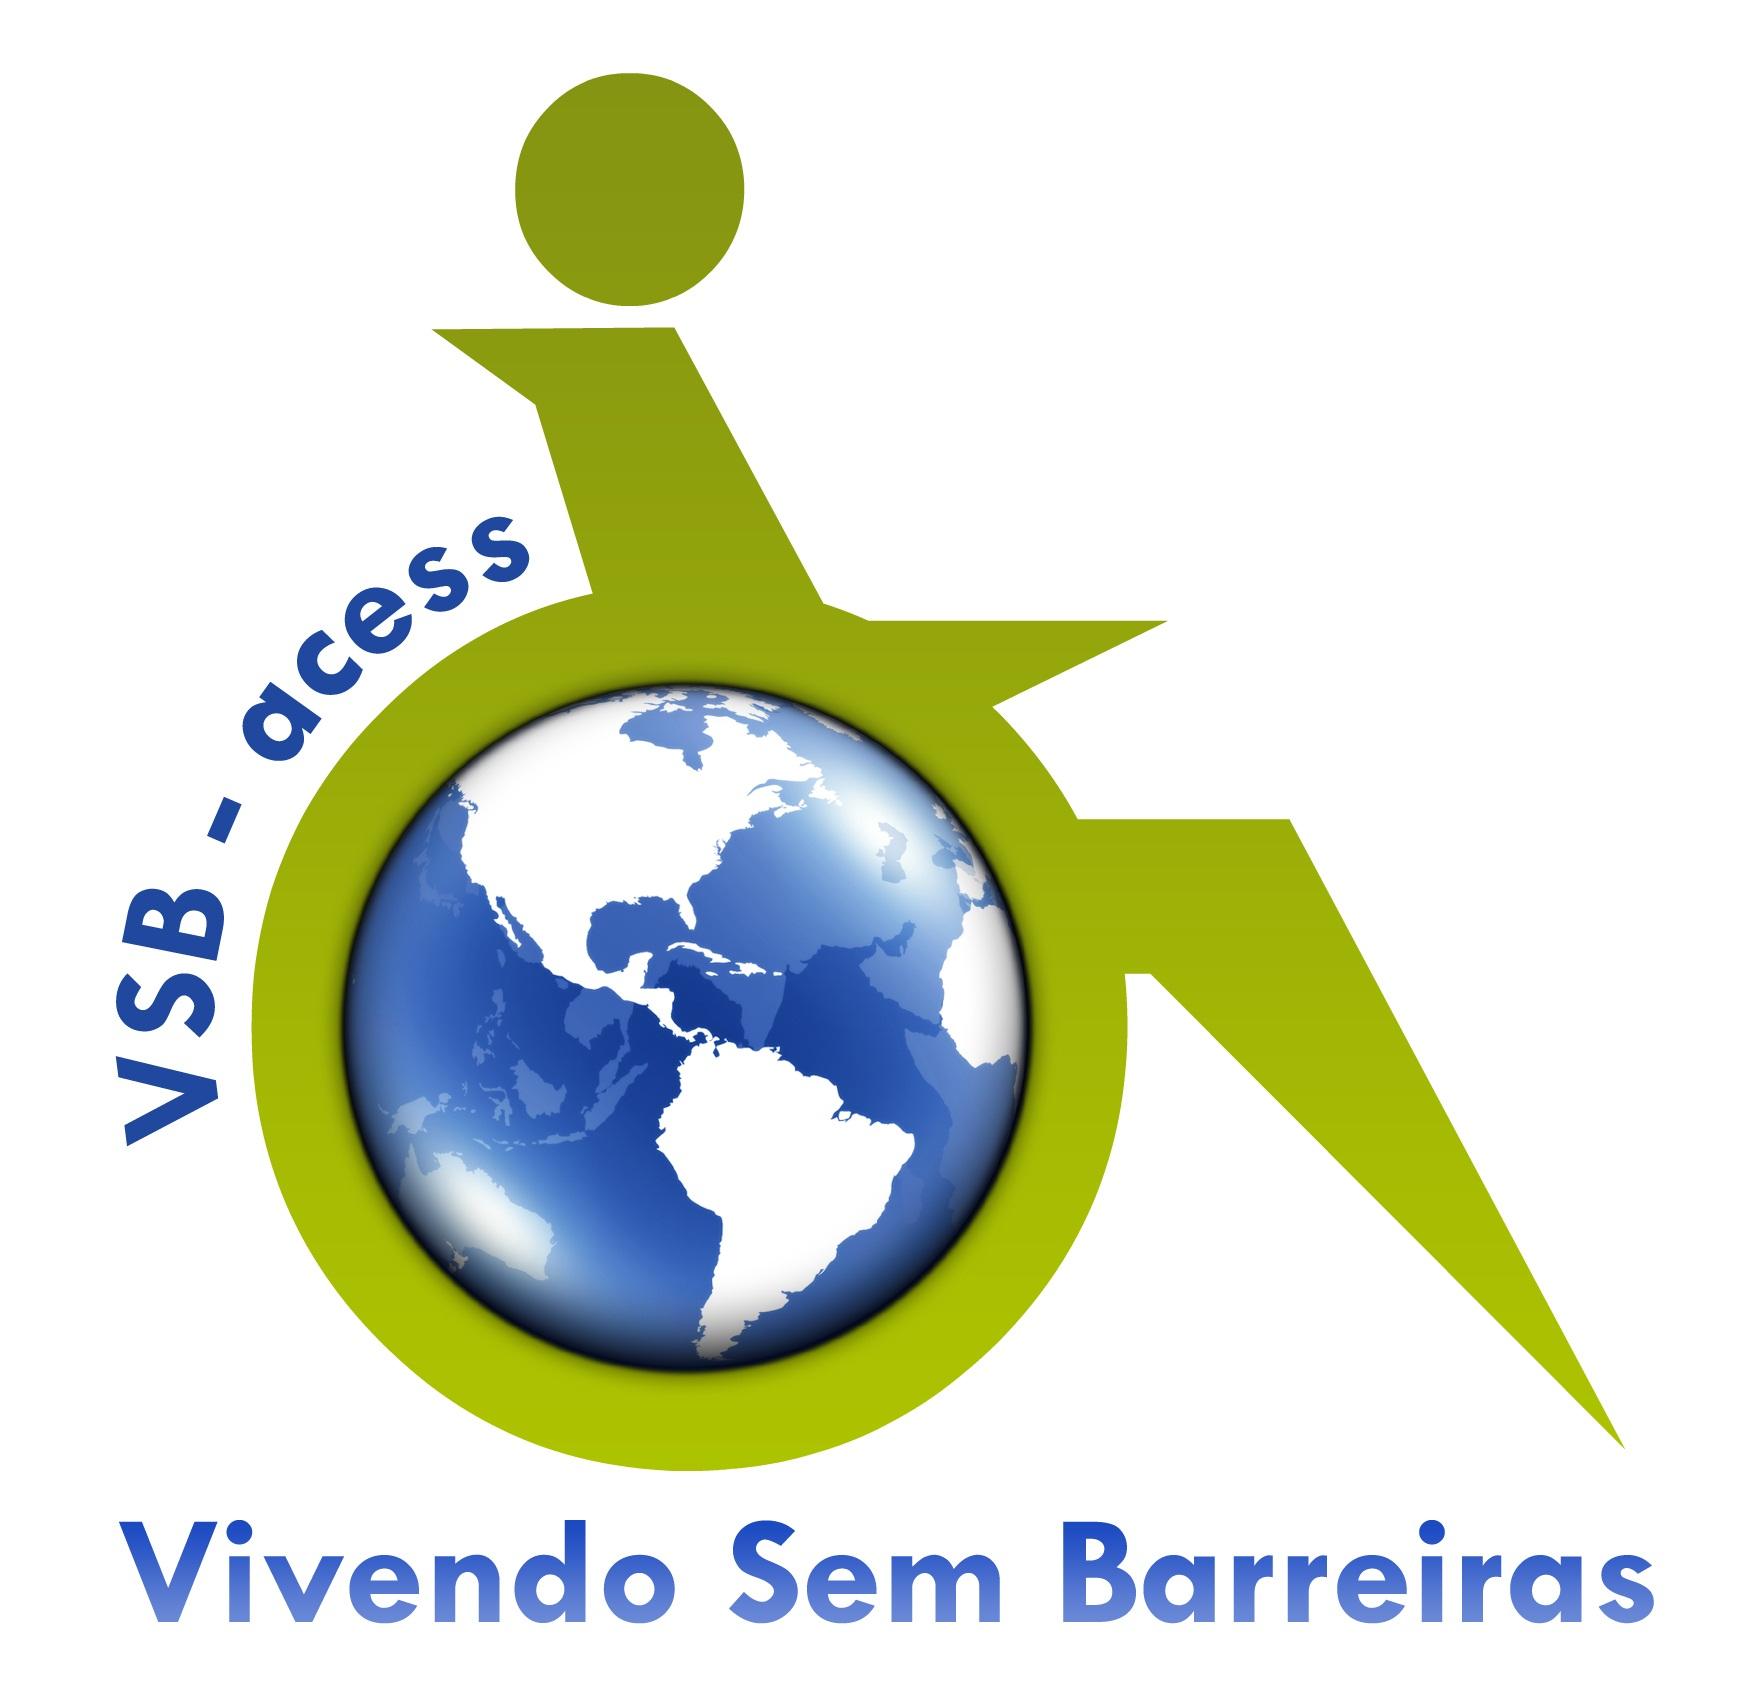 VSB - Vivendo Sem Barreiras